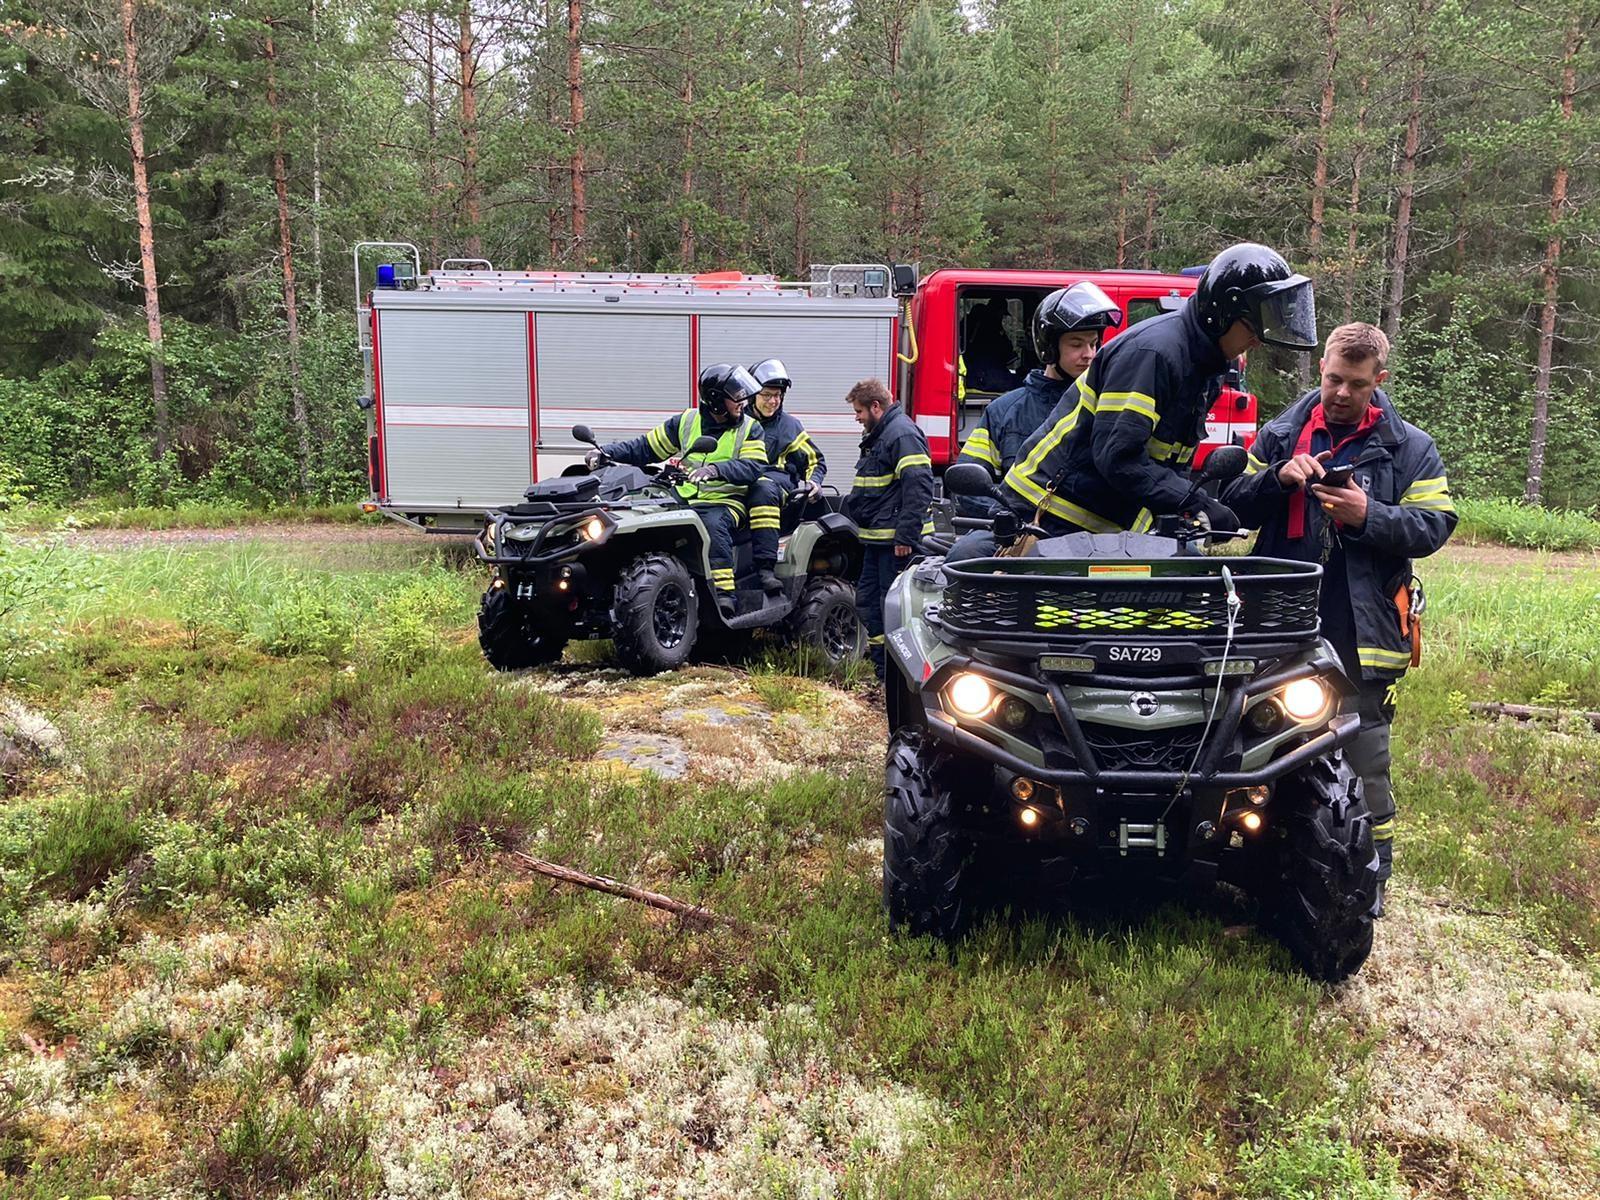 VPK:n harjoituksissa. Kaksi mönkijää miehistöineen paloauton edustalla maastossa.